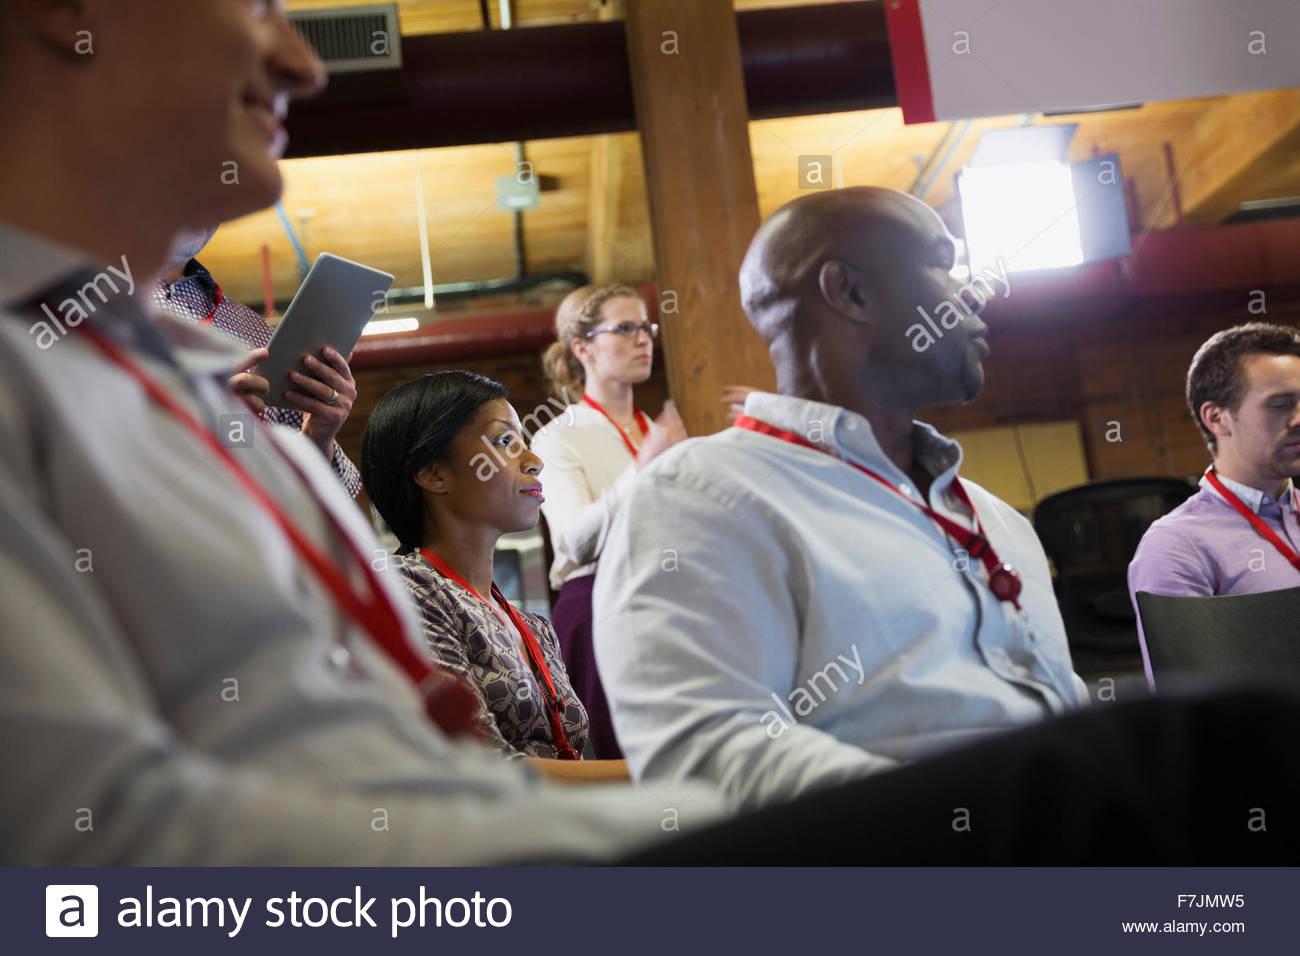 Les gens d'affaires dans l'auditoire de la conférence Photo Stock